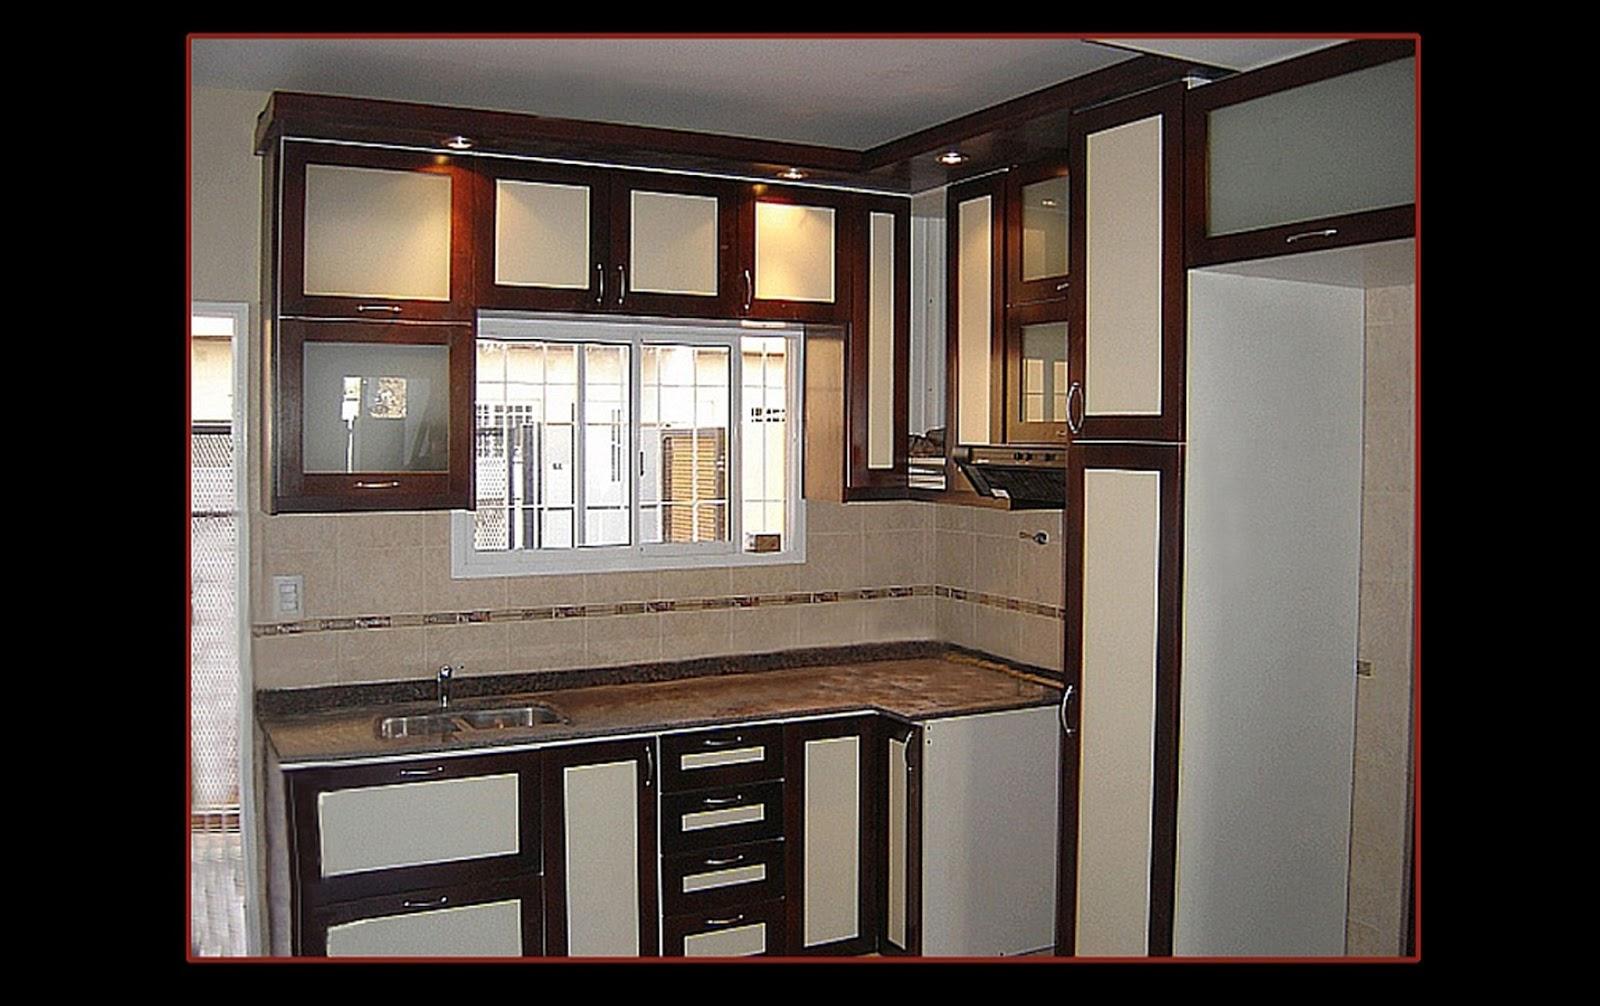 Cocina Almendra Y Cedro Lustrado La Carpinteria De Daniel # Muebles Cedro Y Nogal